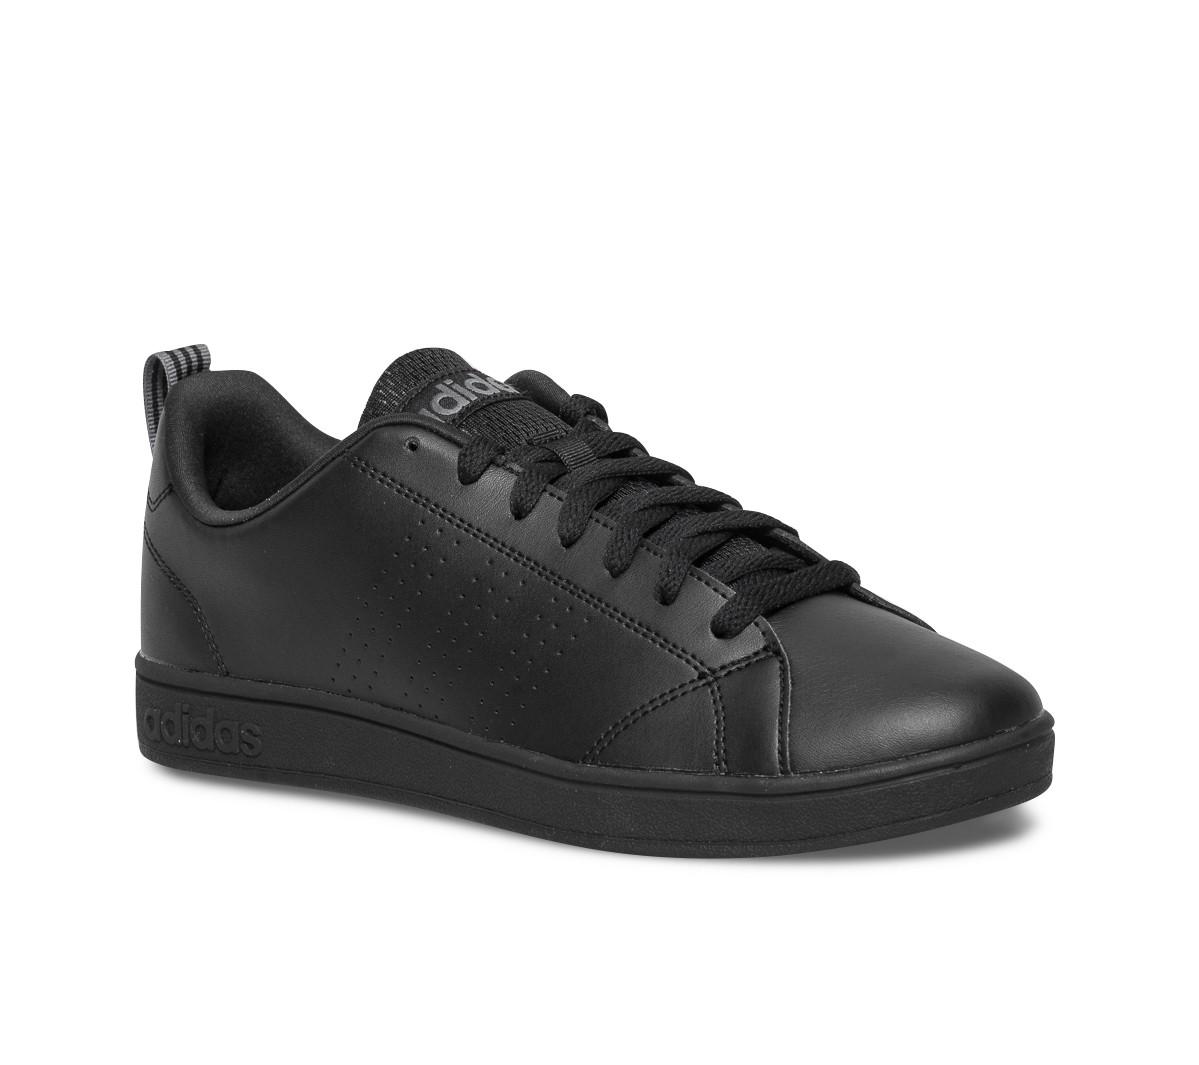 Adidas noir test produit, noir